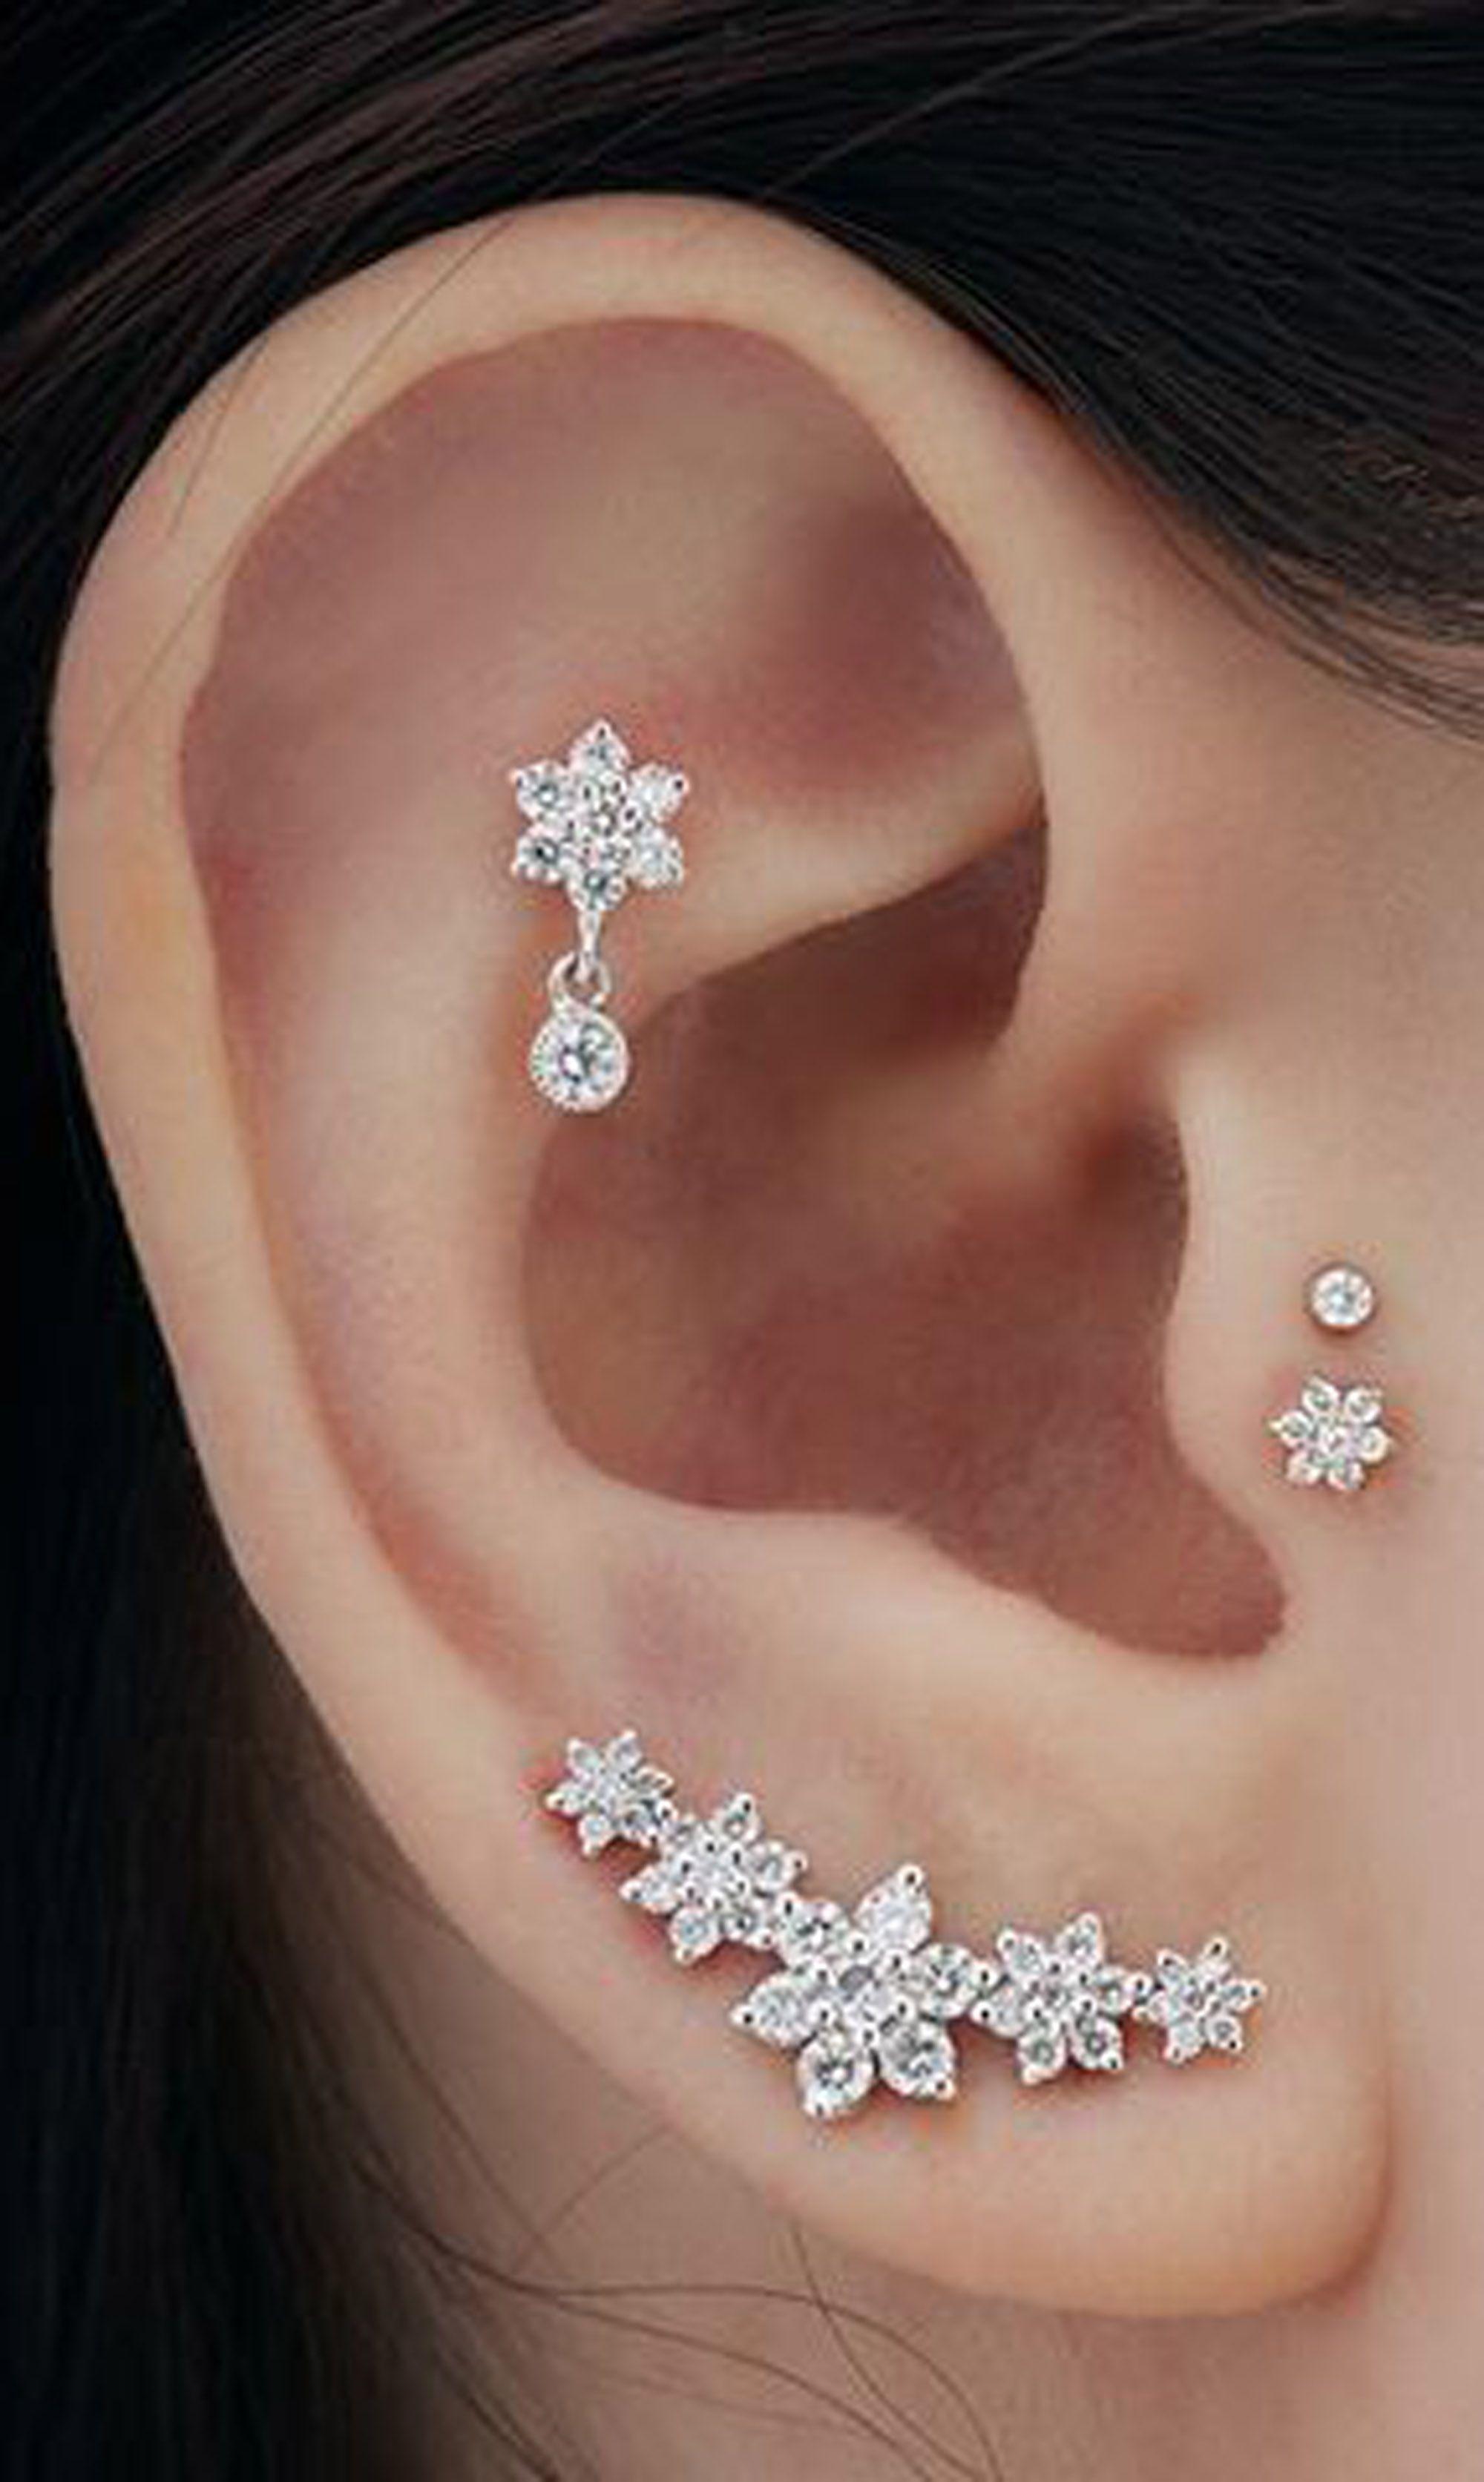 304130699c cute multiple ear piercing ideas for women flower cartilage earring studs  16G